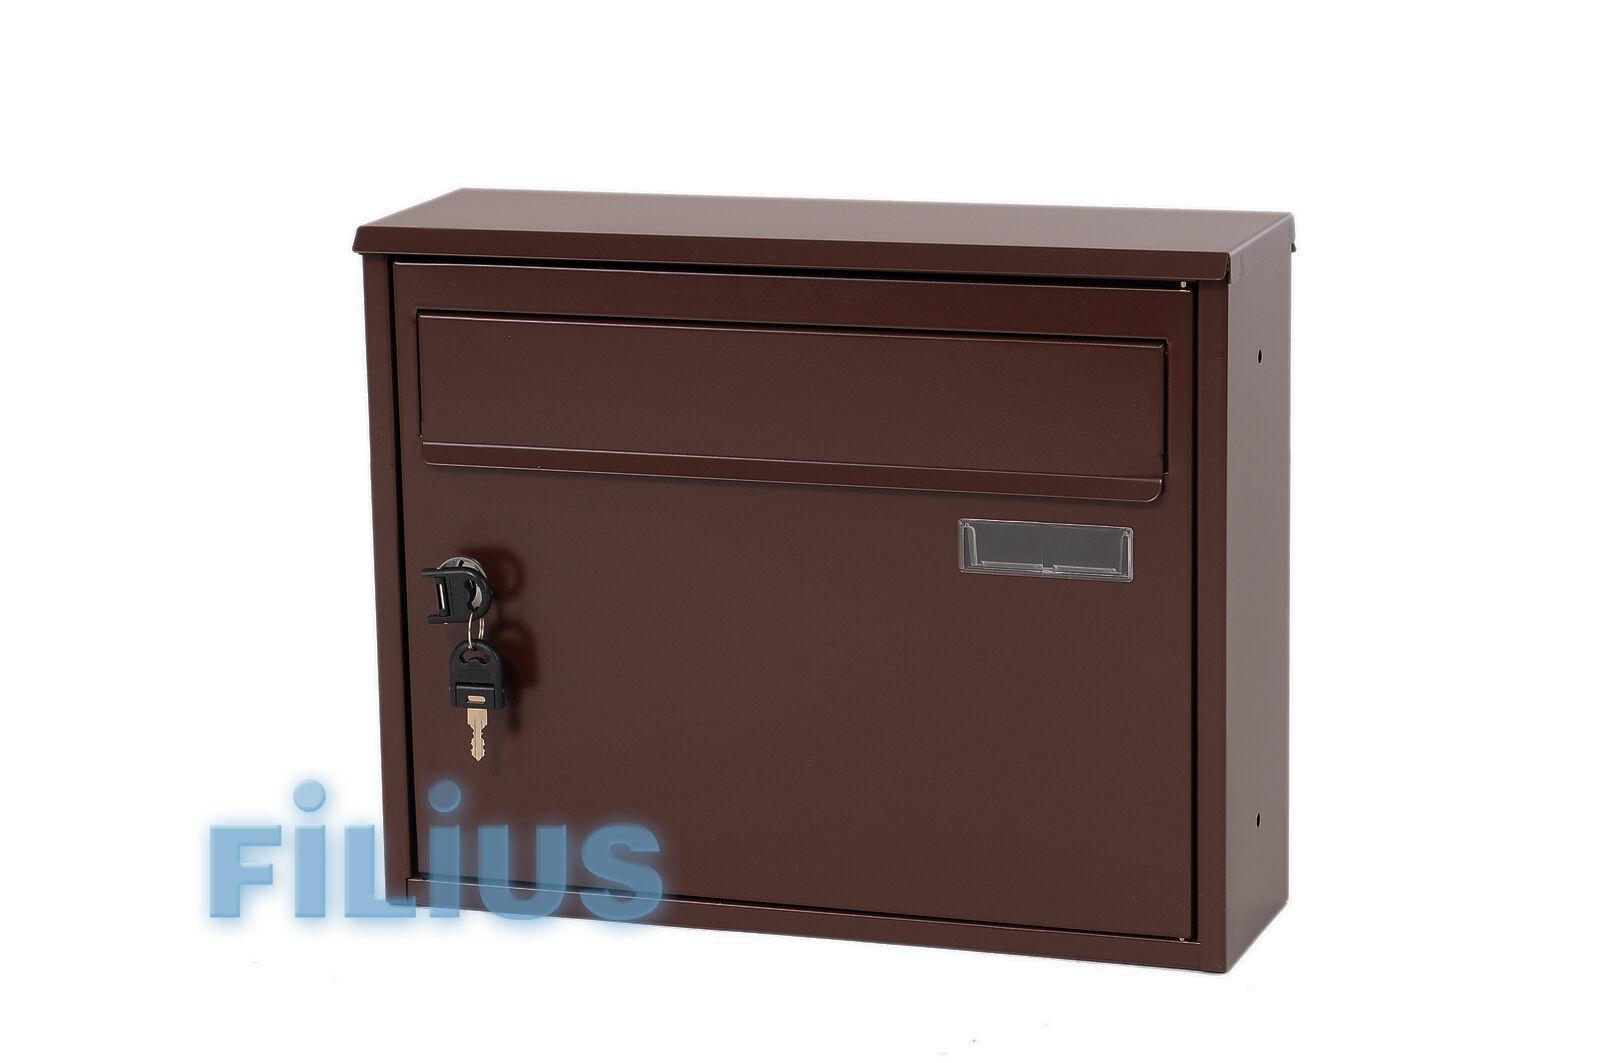 Zaunbriefkasten FK1  Briefkasten RAL 8017 (schokoladenbraun) braun